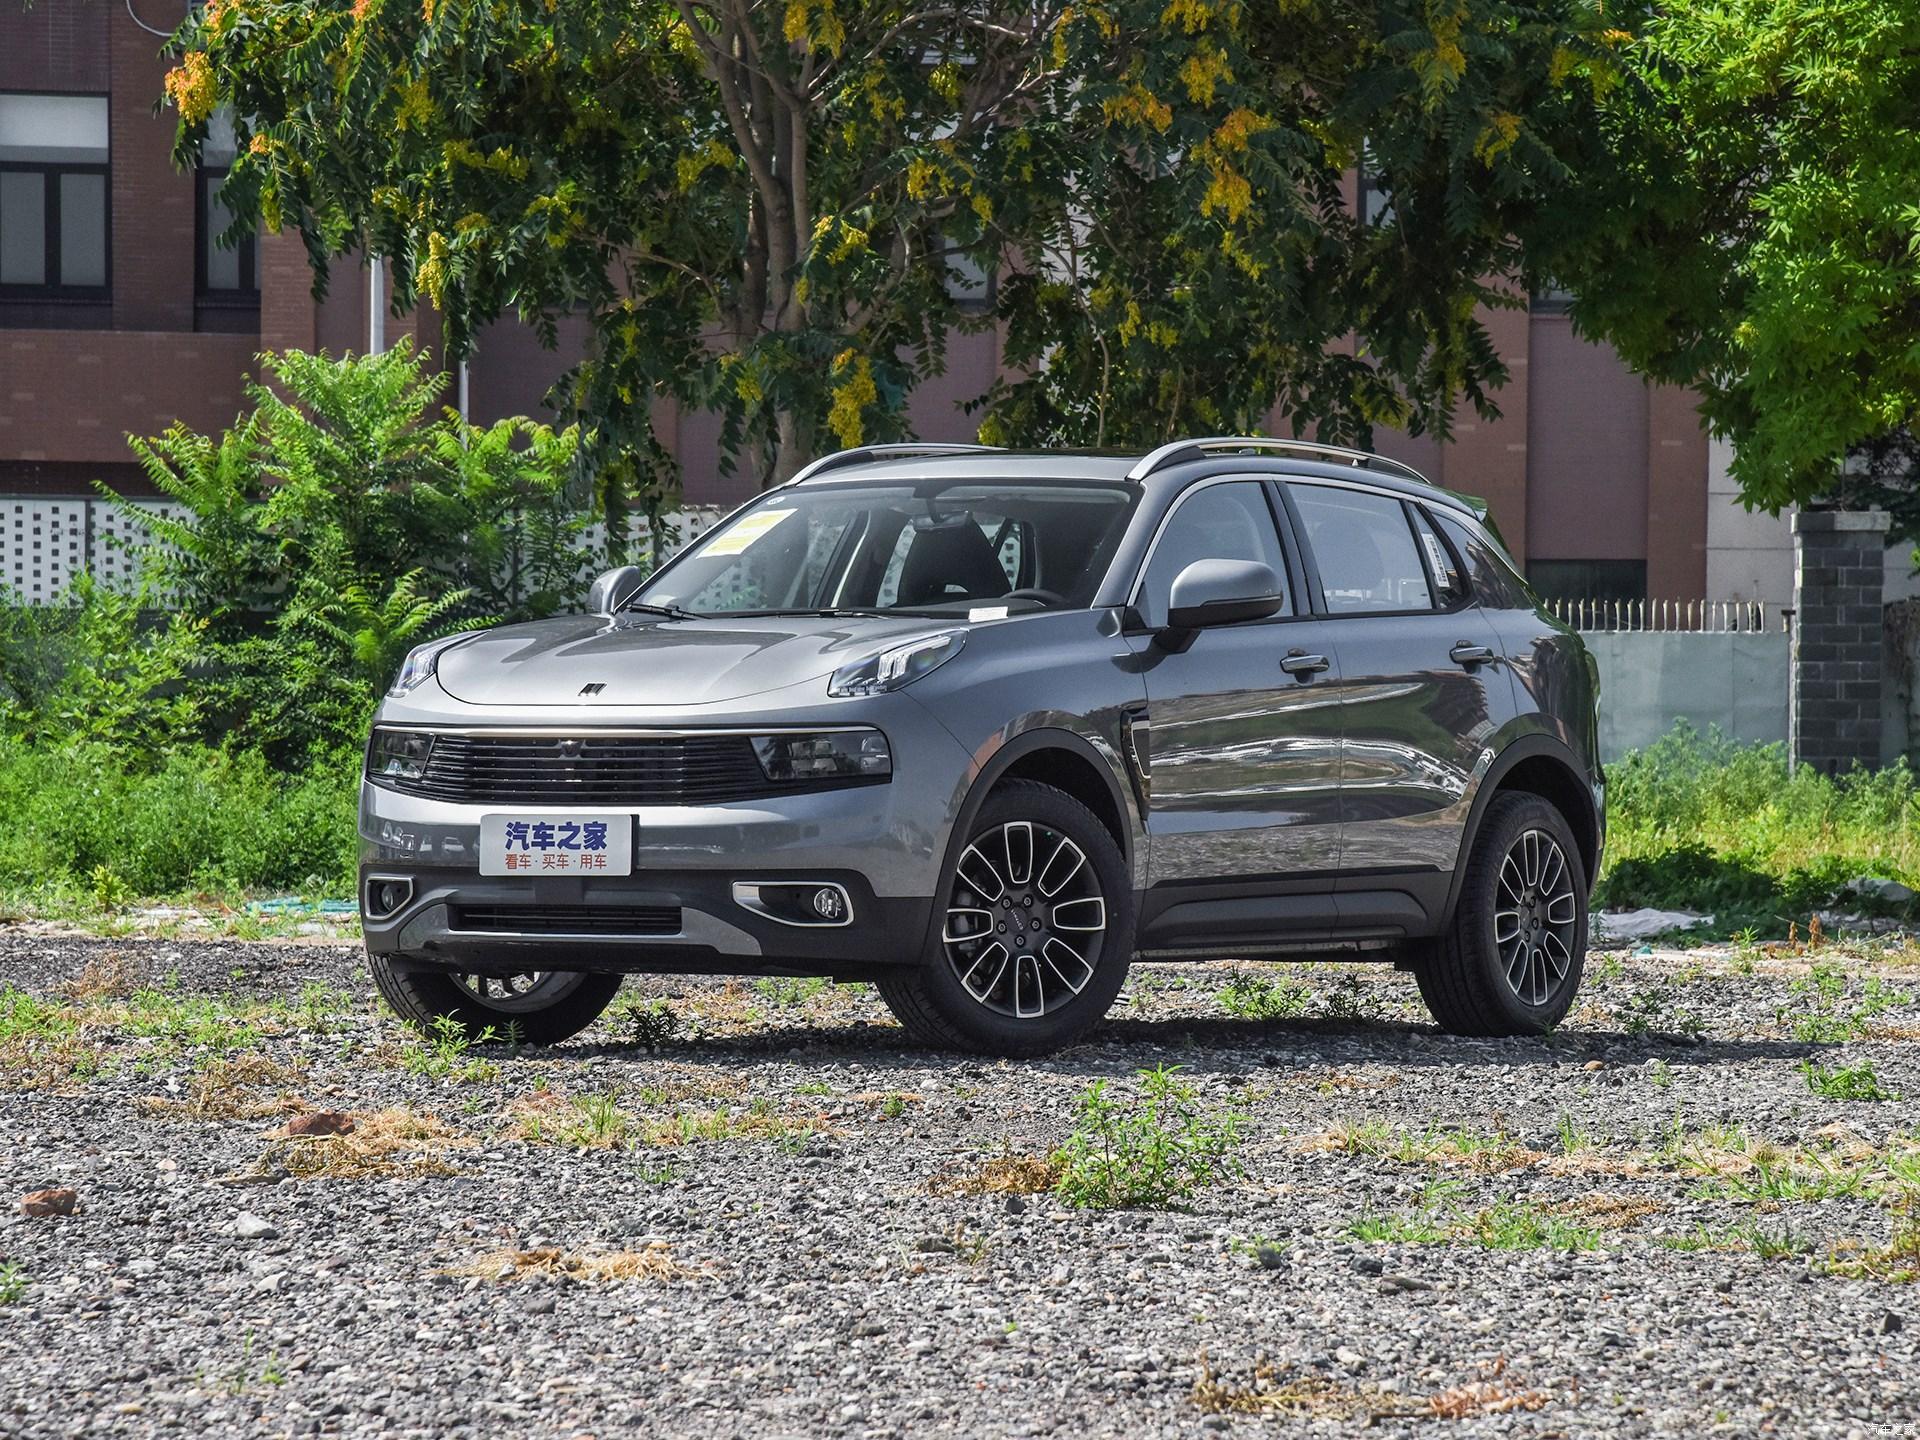 共推出3款車型 領克01全球版開啟預售-圖1